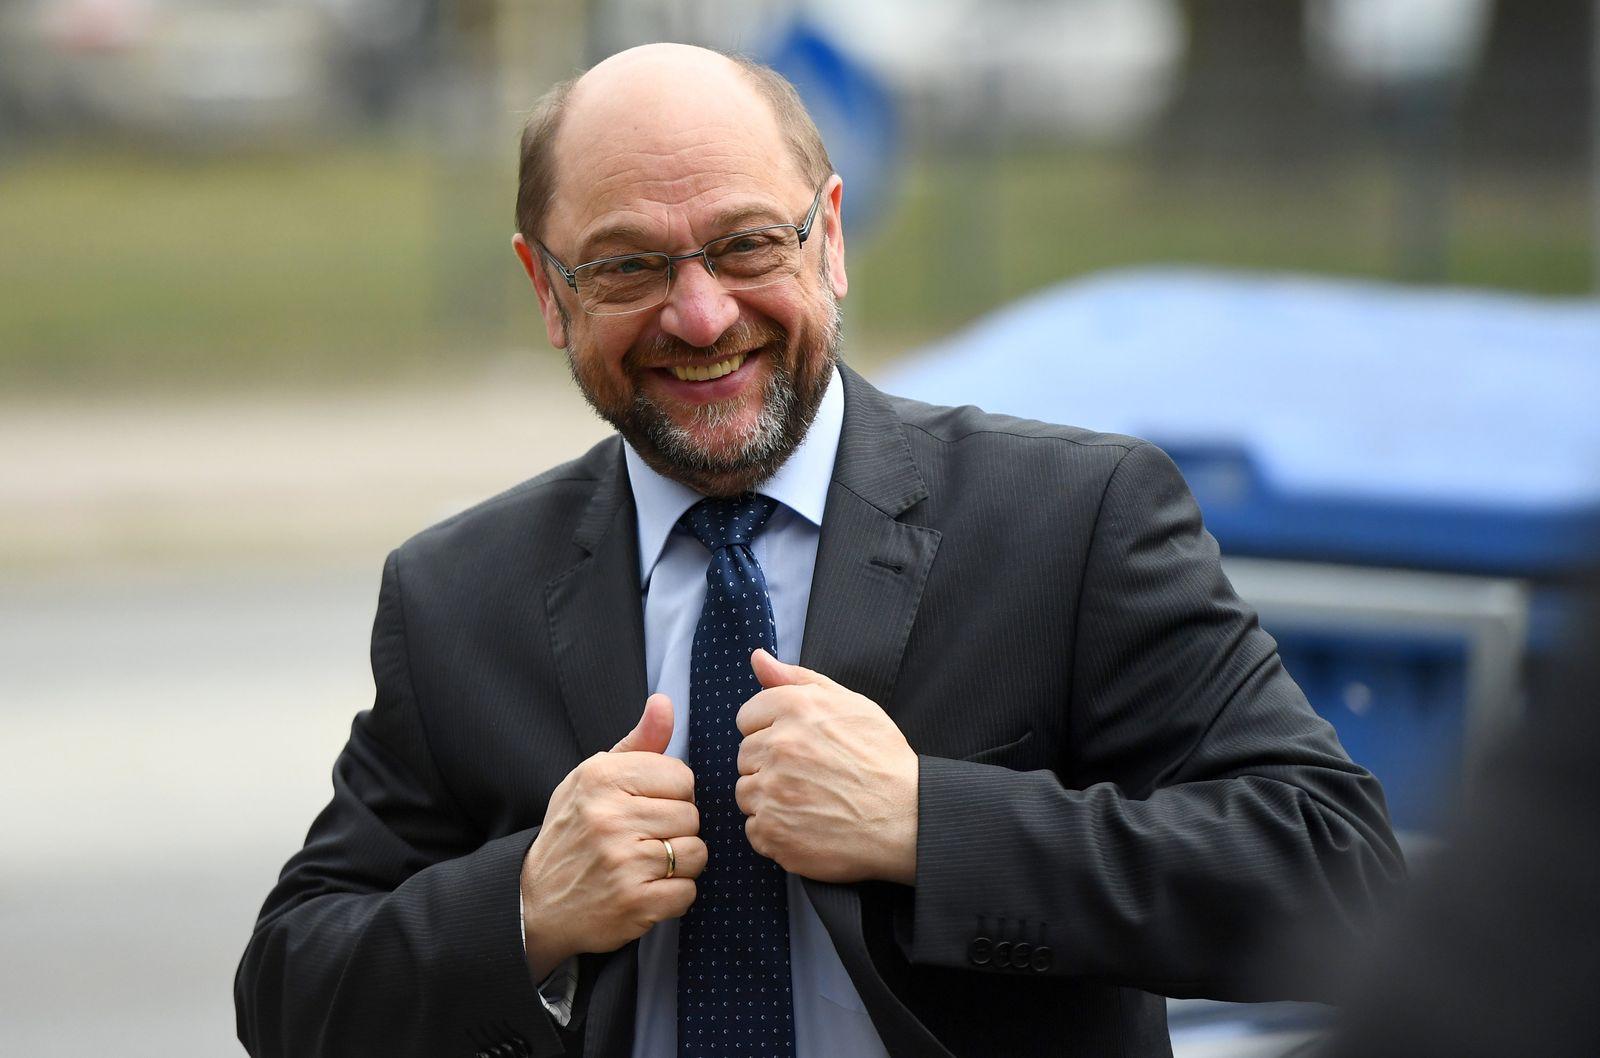 SPD-Kanzlerkandidat Schulz besucht Mehrgenerationenhaus